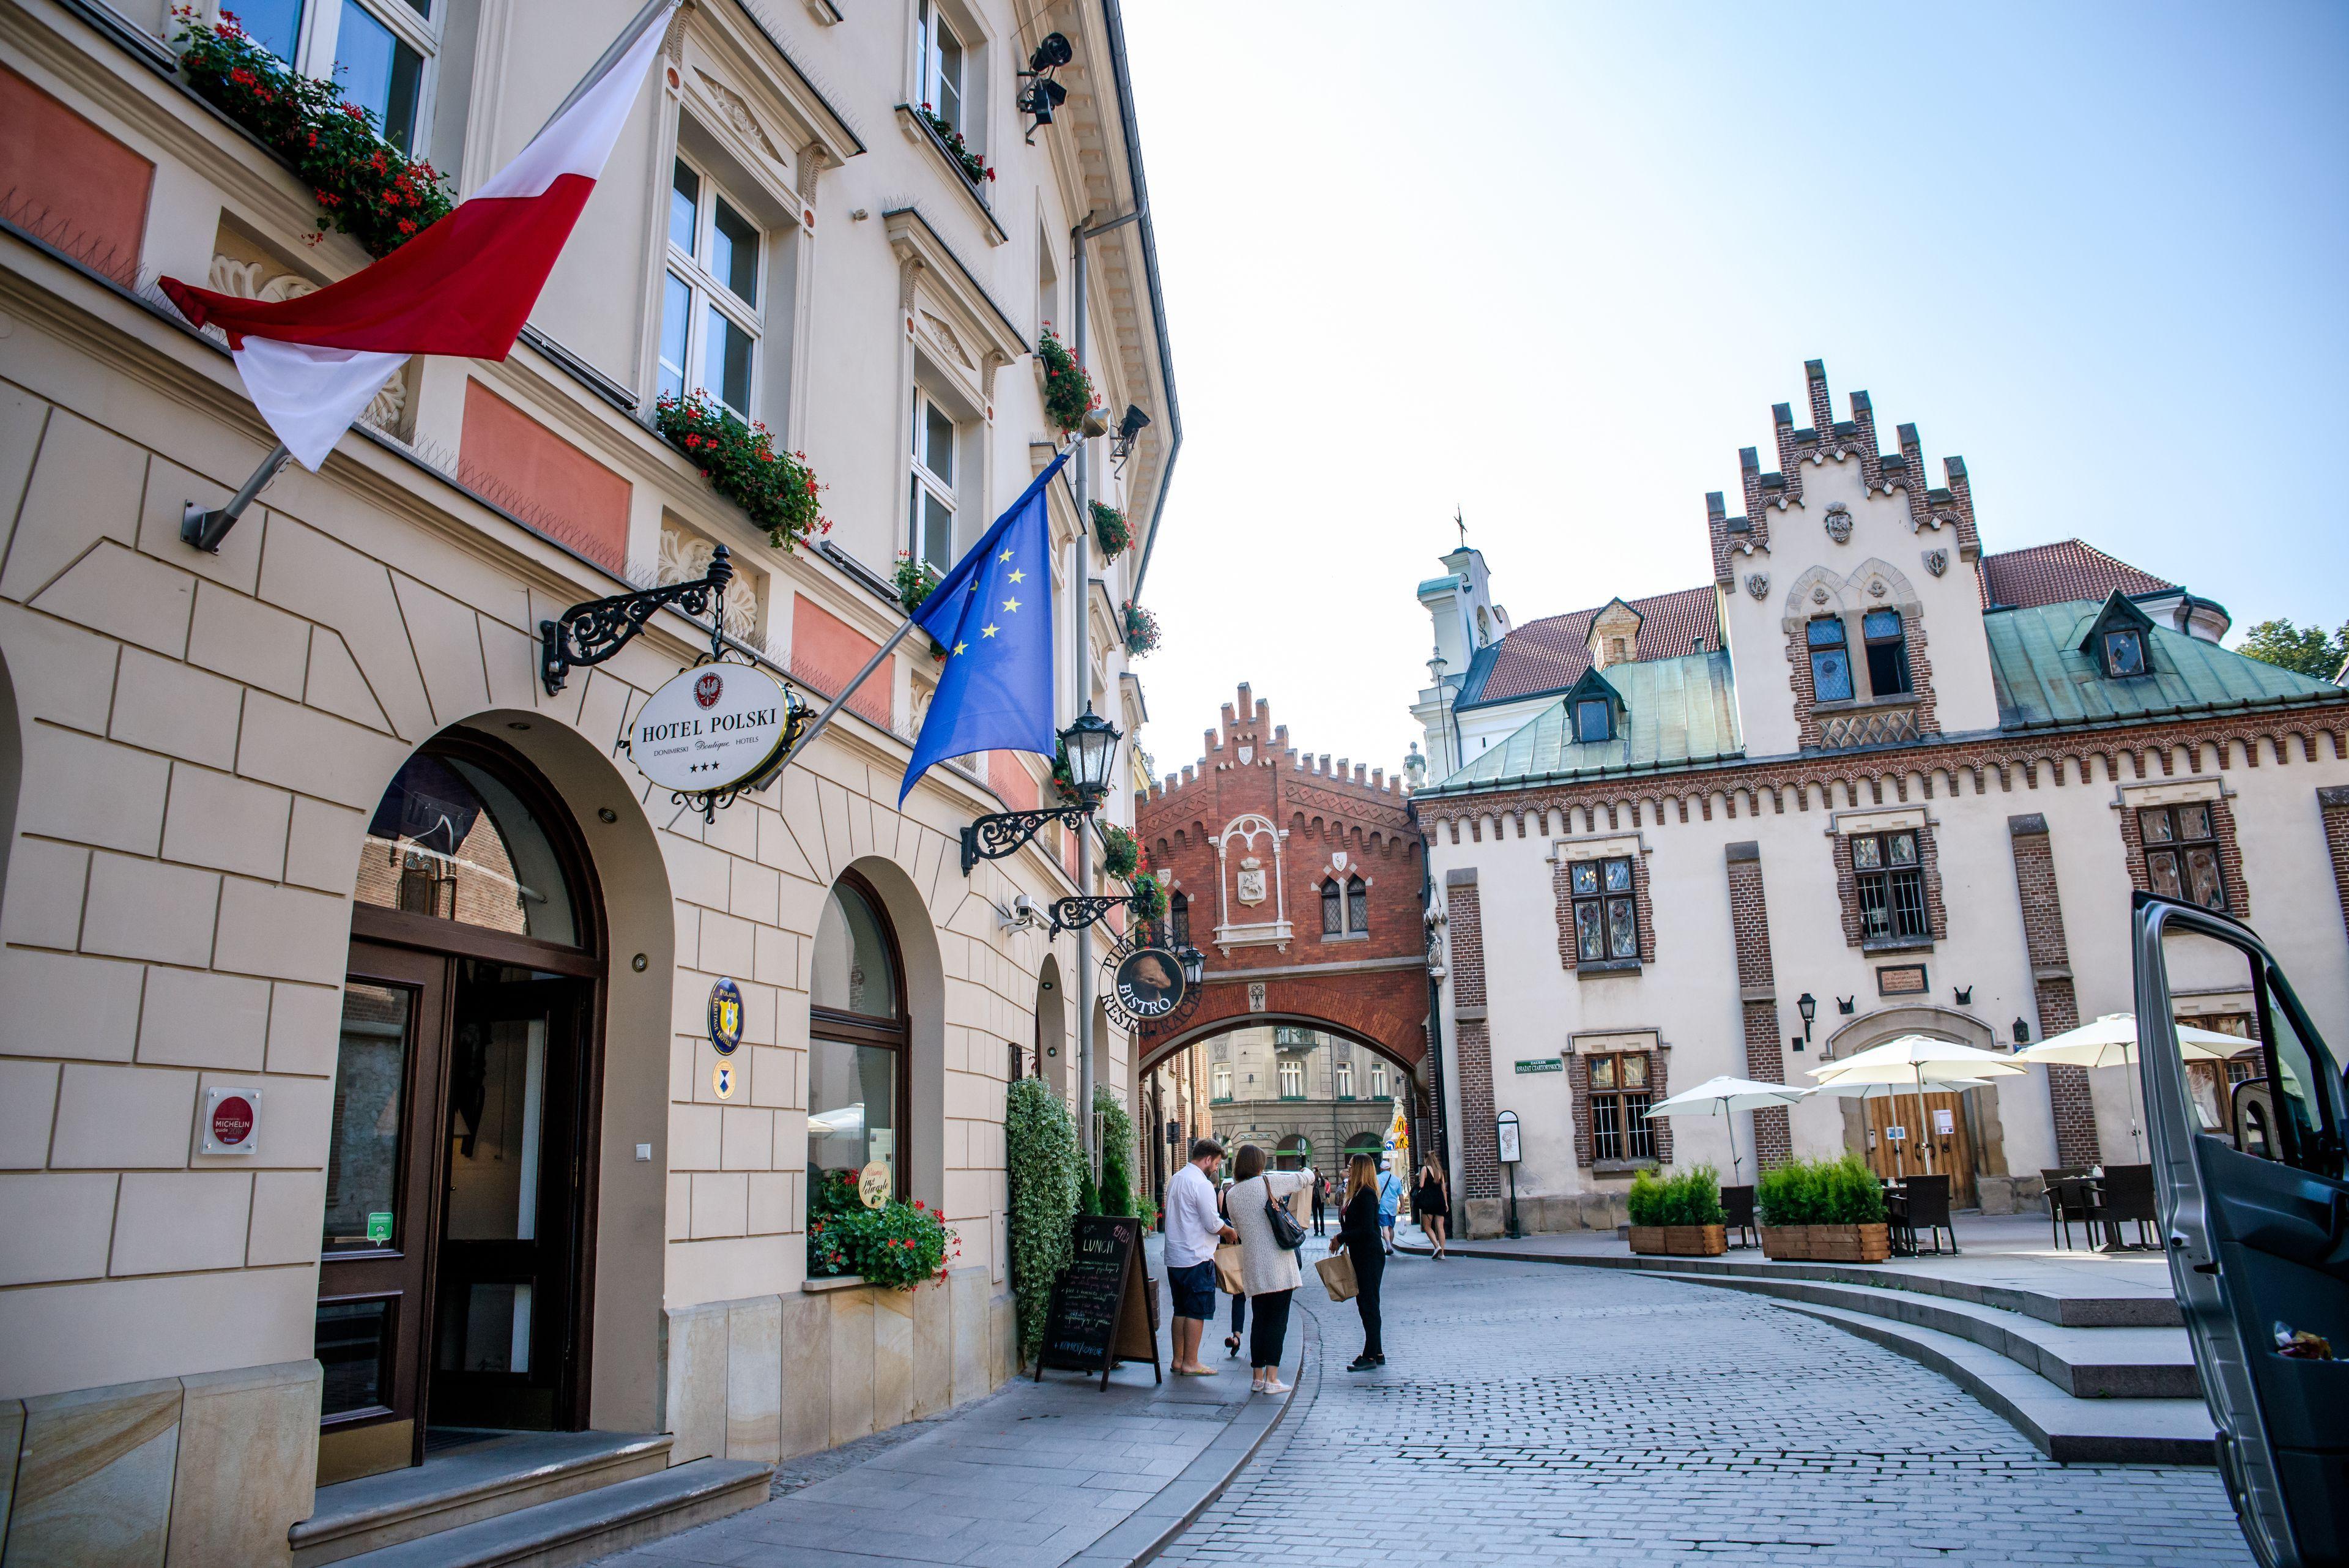 Courtesy of Hotel Polski Pod Białym Orłem / Expedia